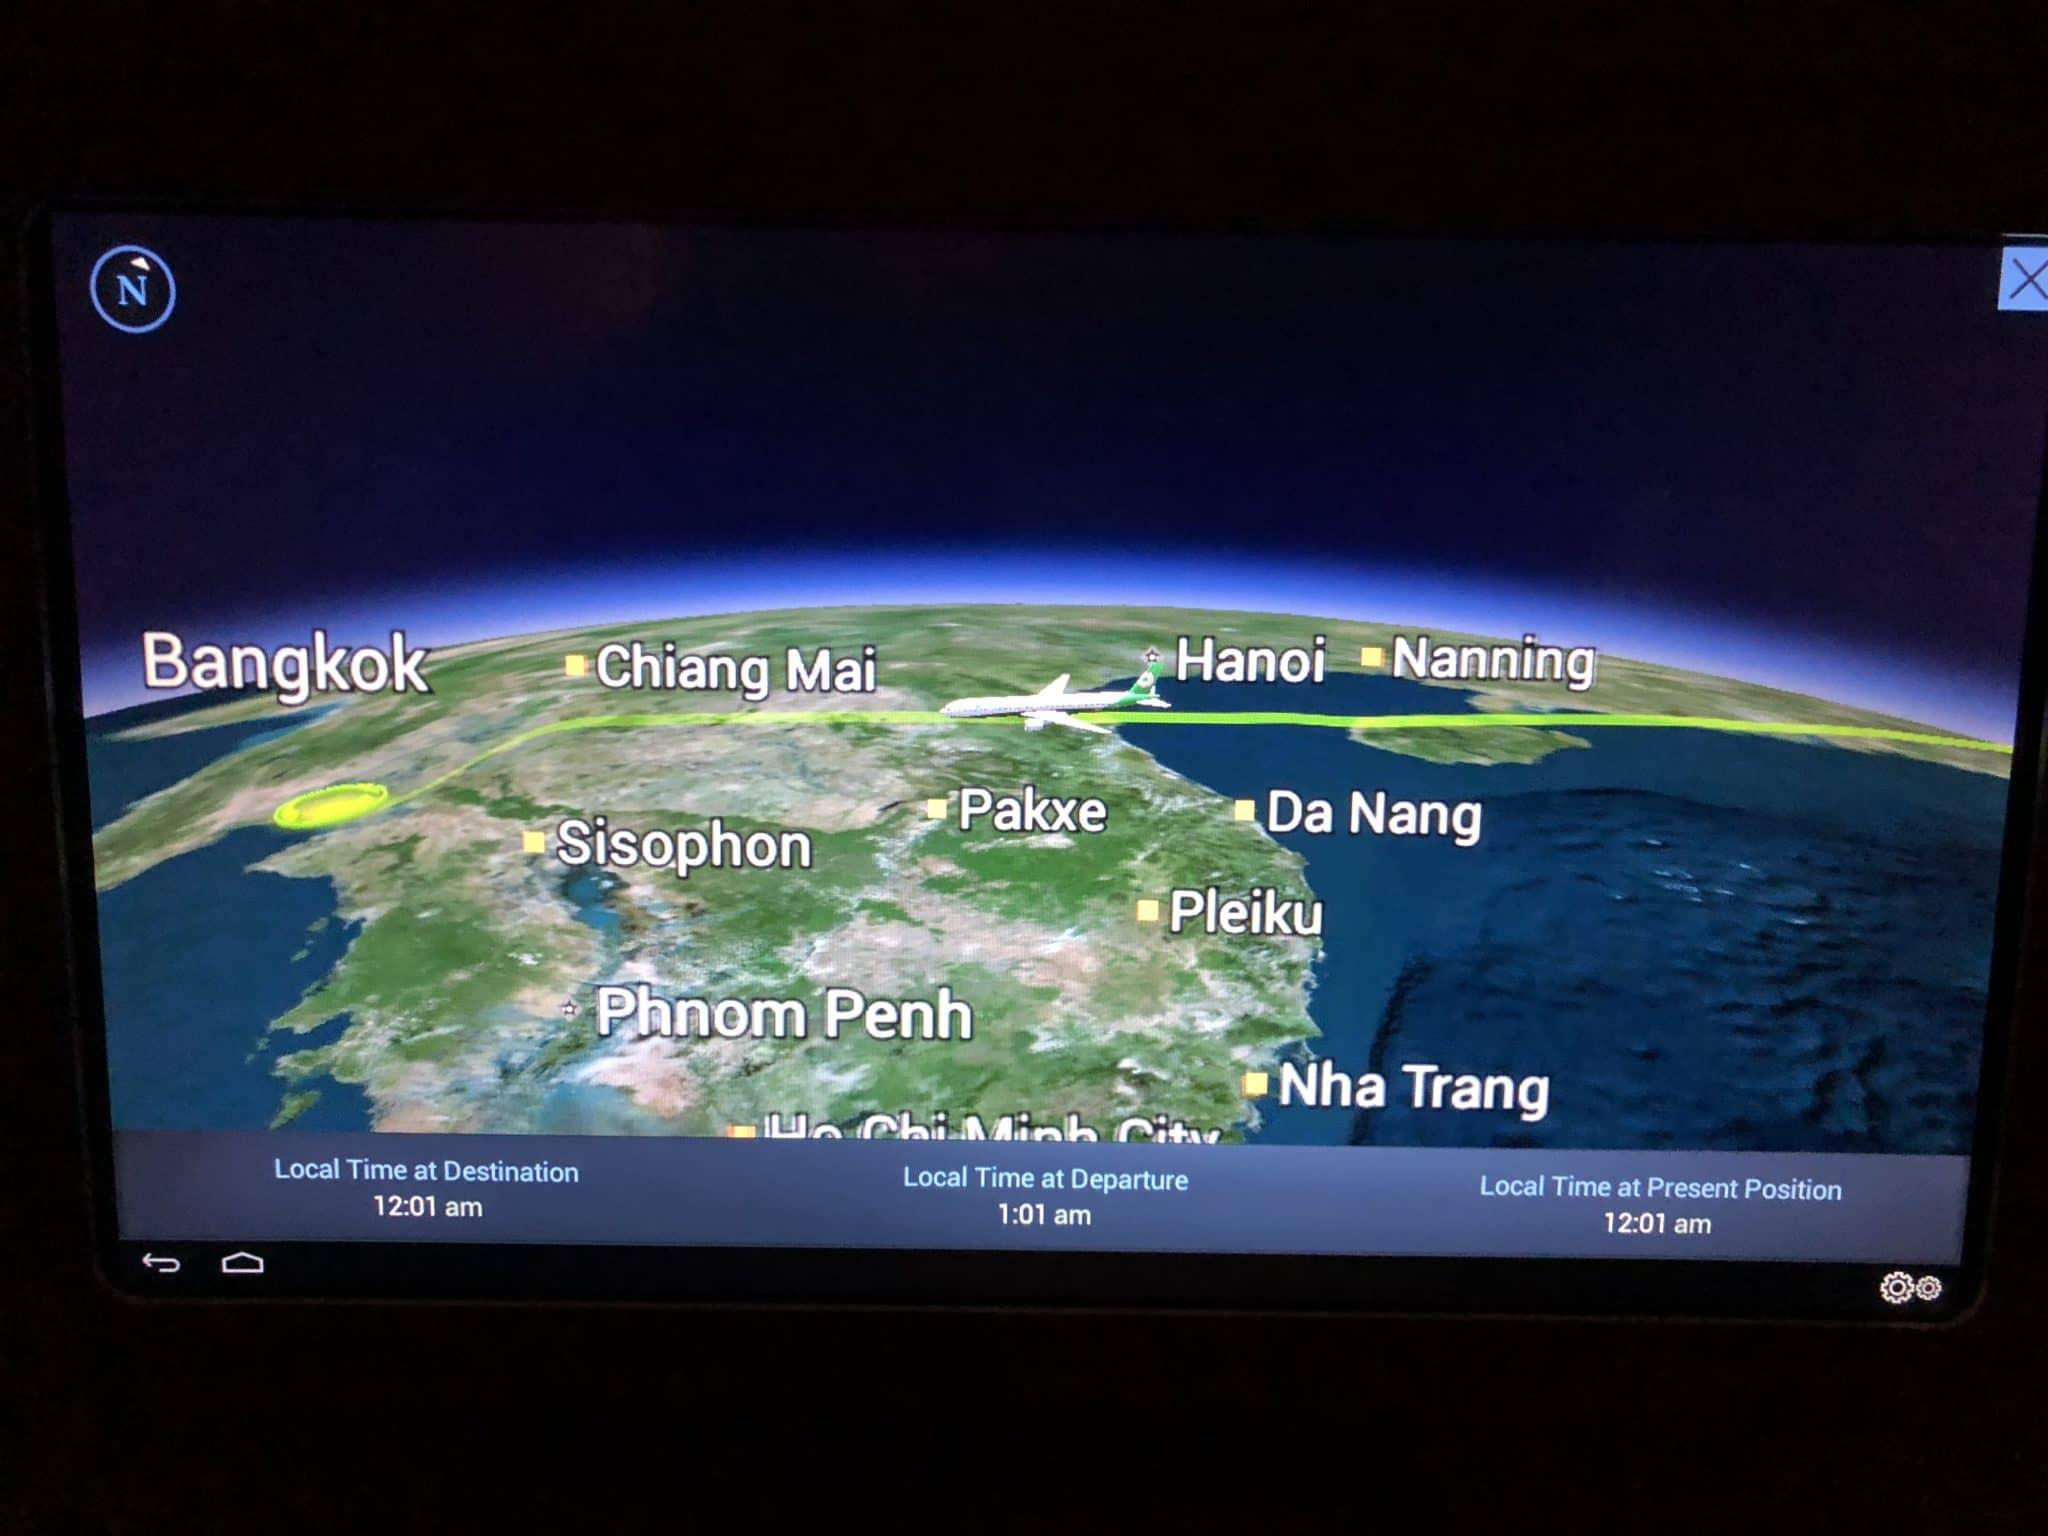 EVA Air Business Class Boeing 777-300 Anflug Bangkok